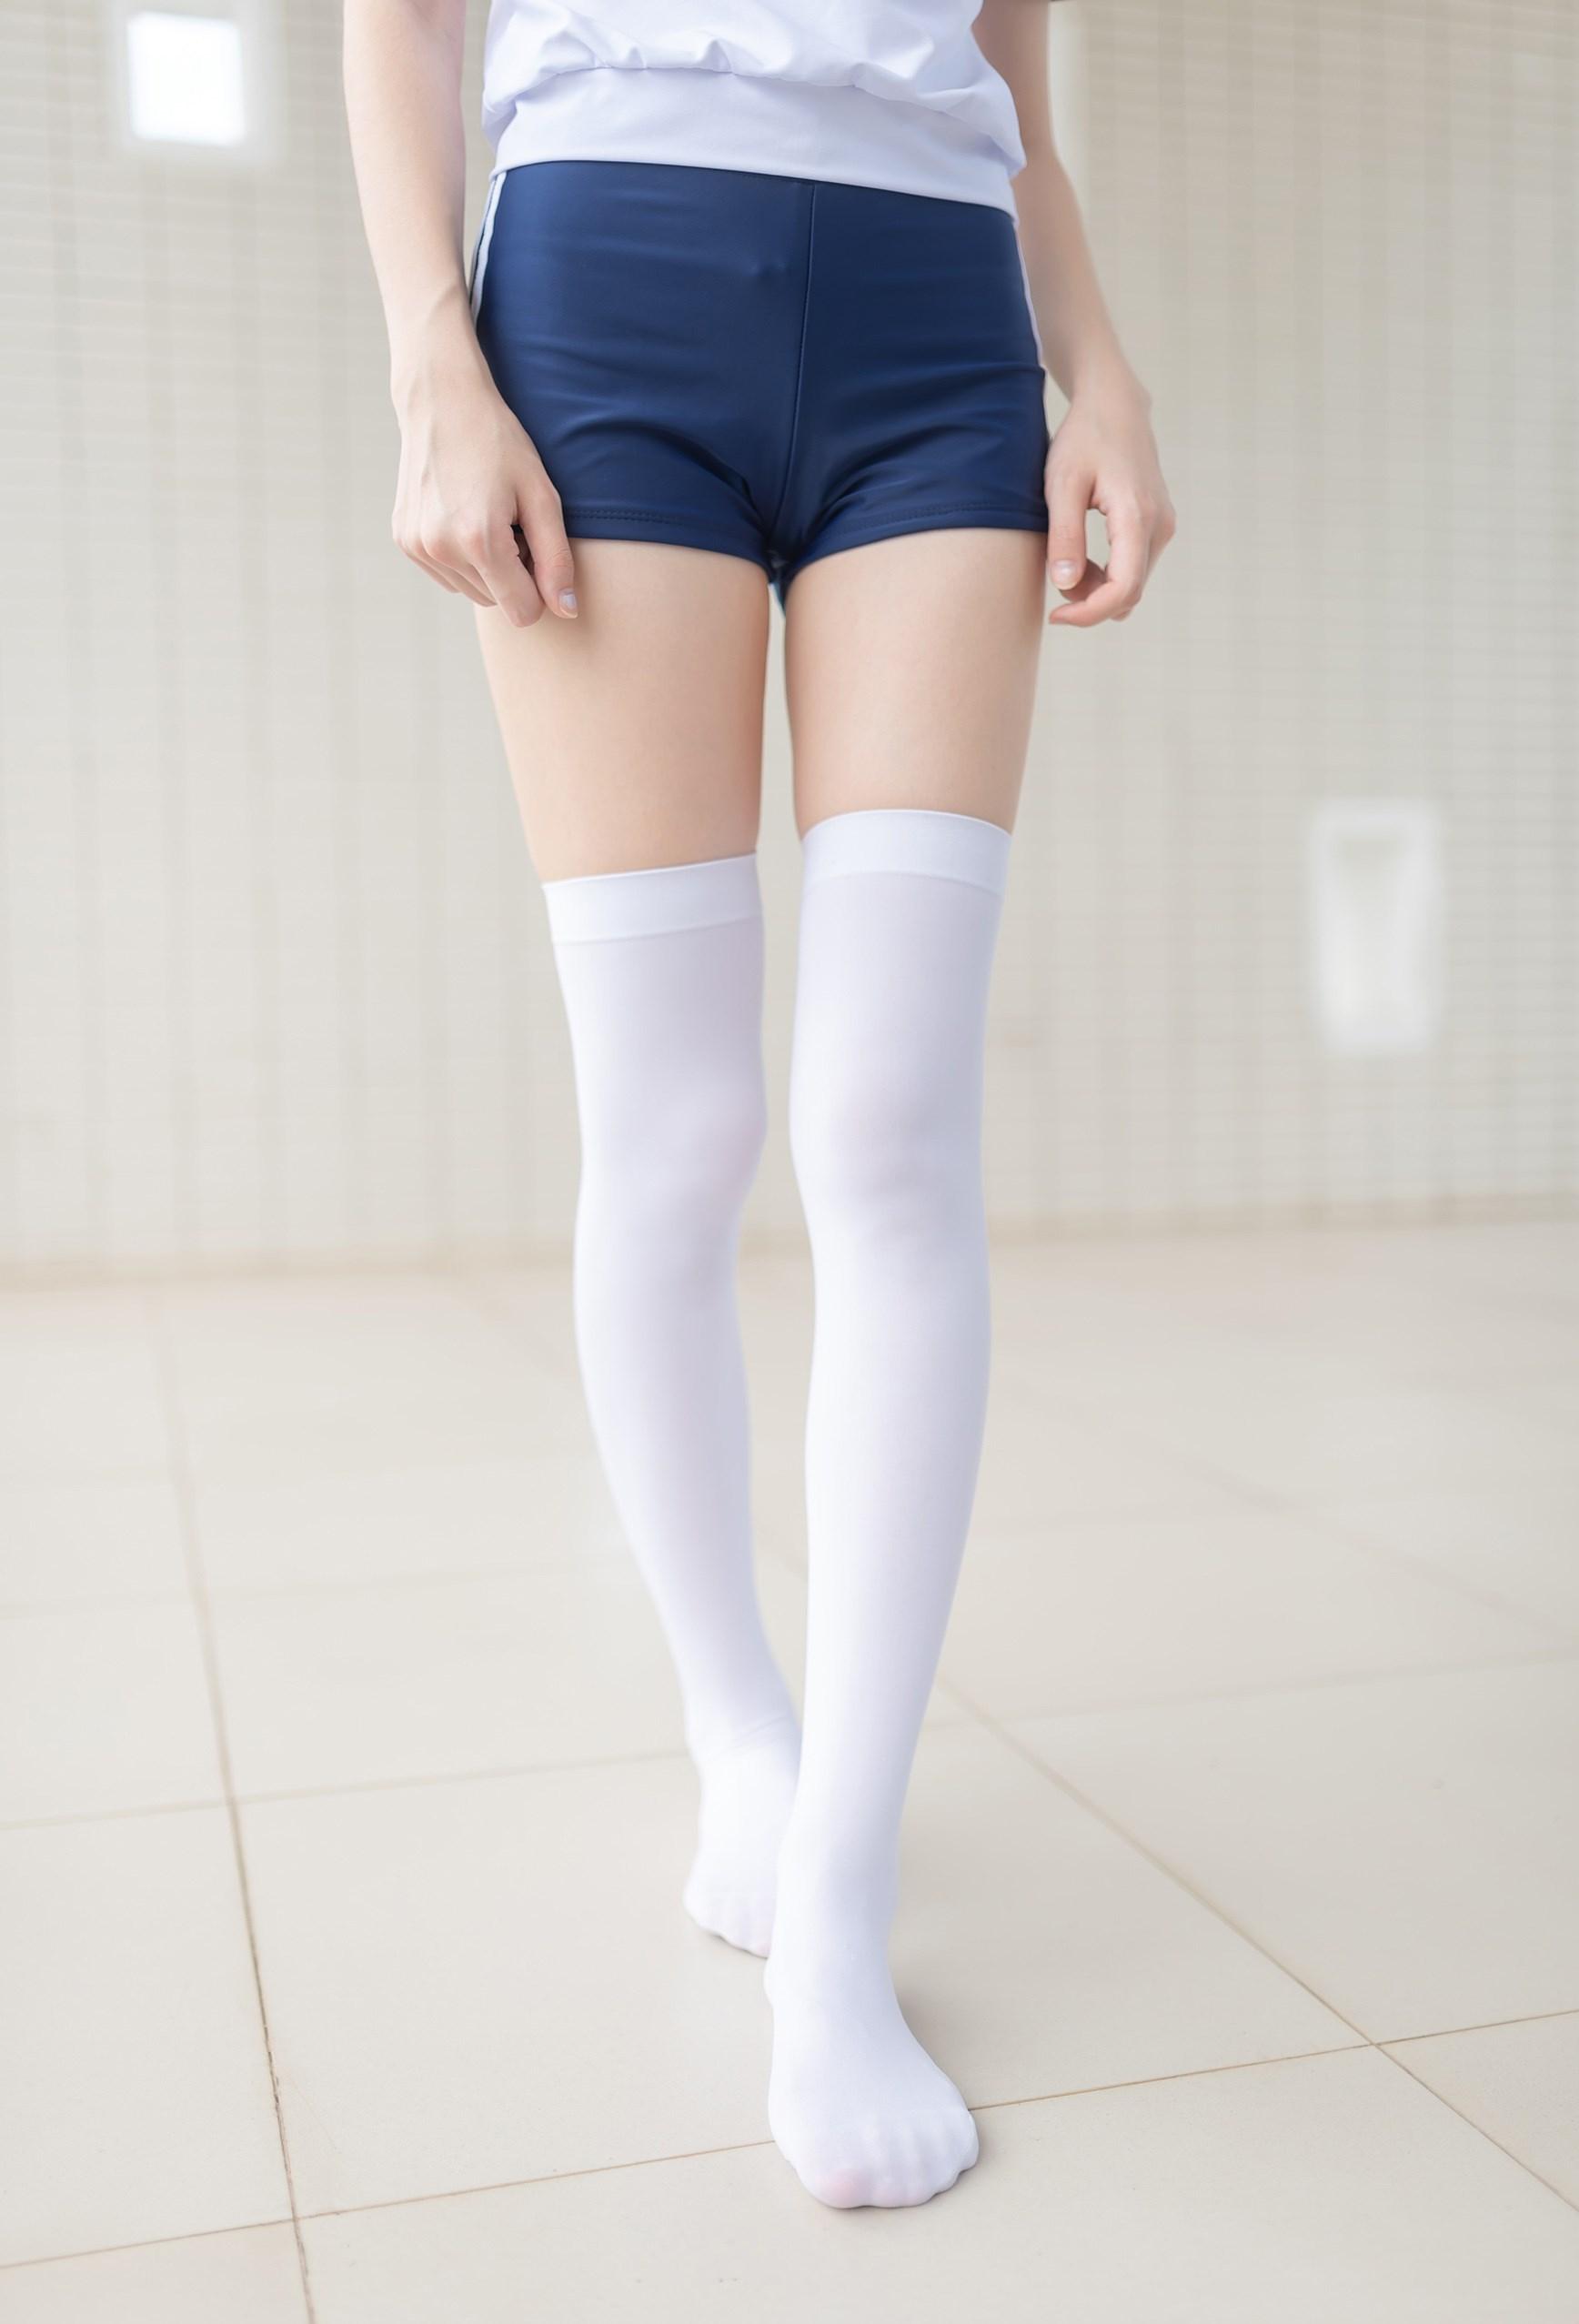 【兔玩映画】在教室门前穿体操服 兔玩映画 第36张